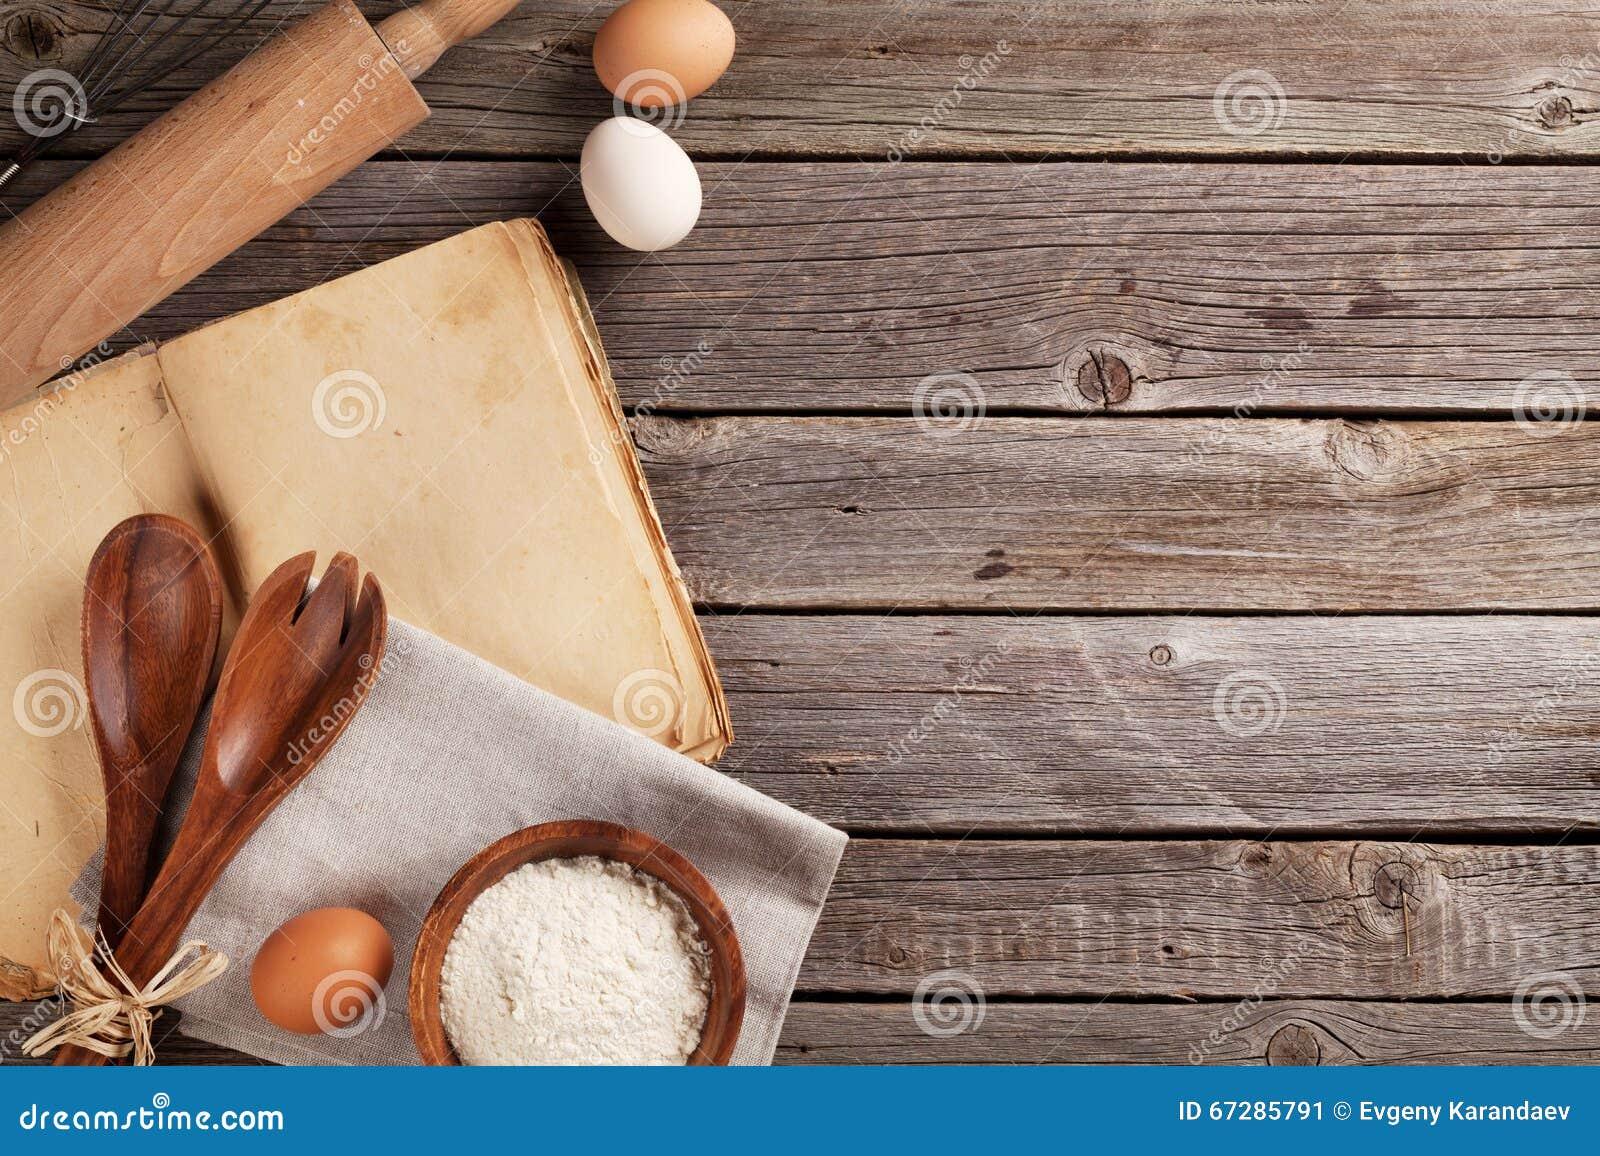 Tavolo da cucina con il libro di cucina gli utensili e gli ingredienti immagine stock - Il libro di cucina hoepli pdf ...